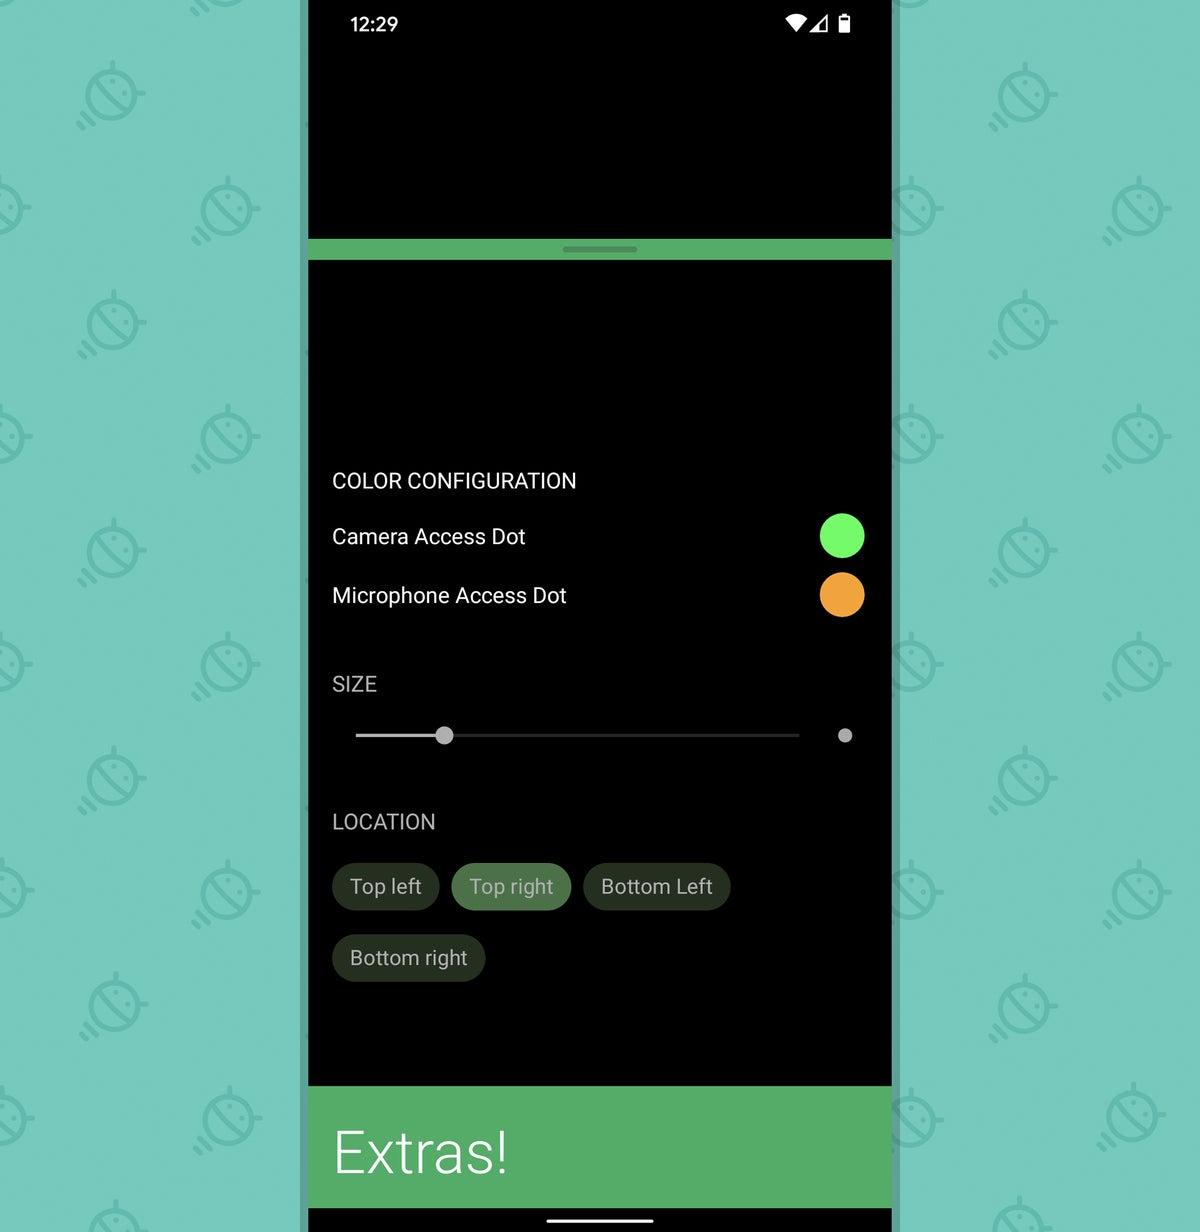 Privacidad de Android: puntos de acceso (4)